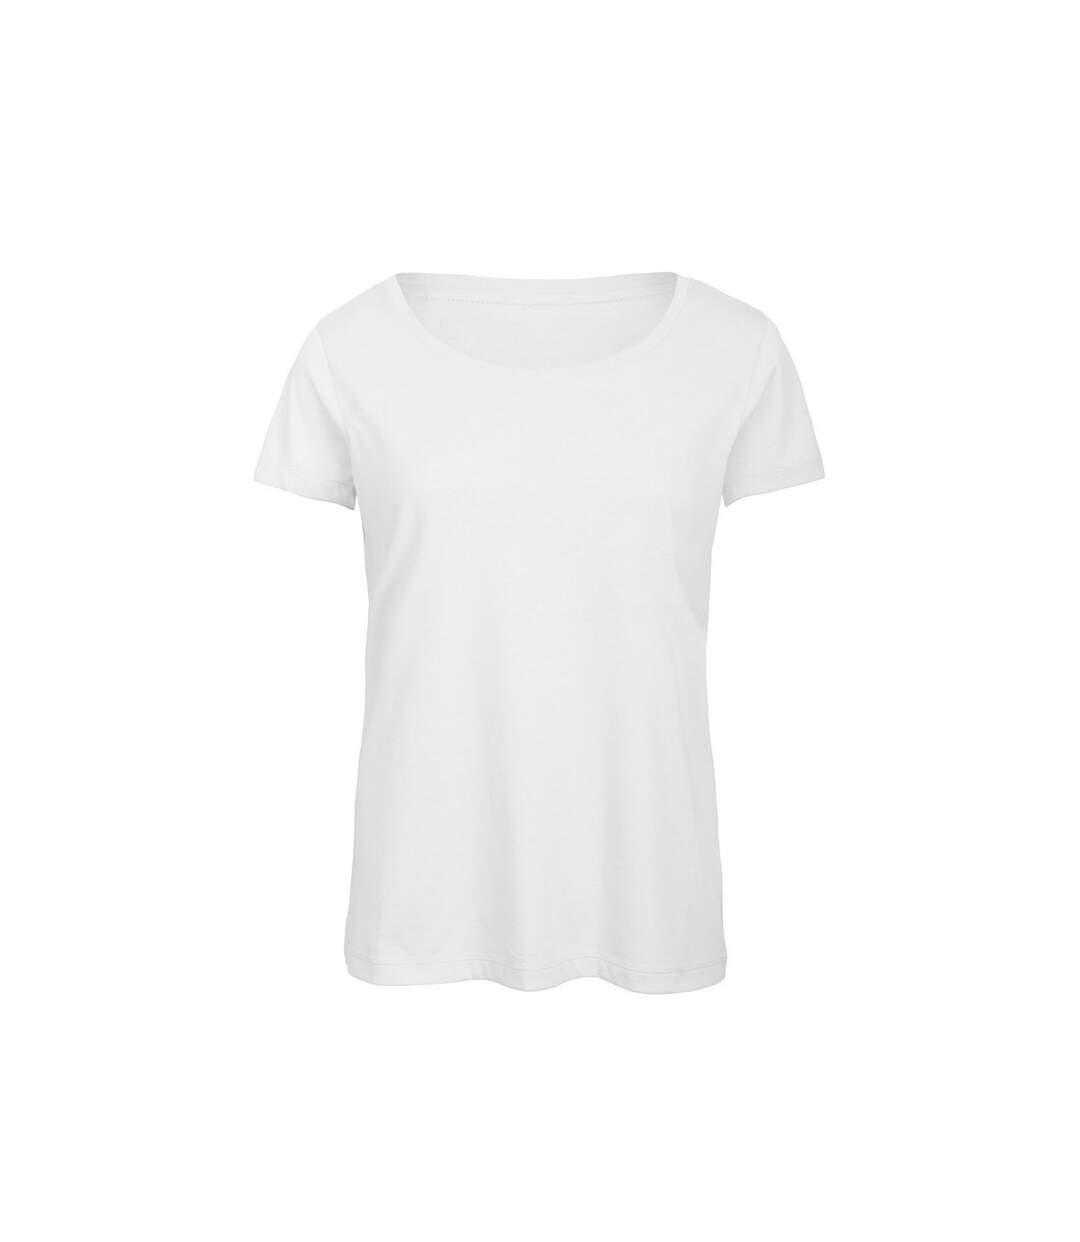 B&C - T-Shirt - Femme (Blanc) - UTBC3644